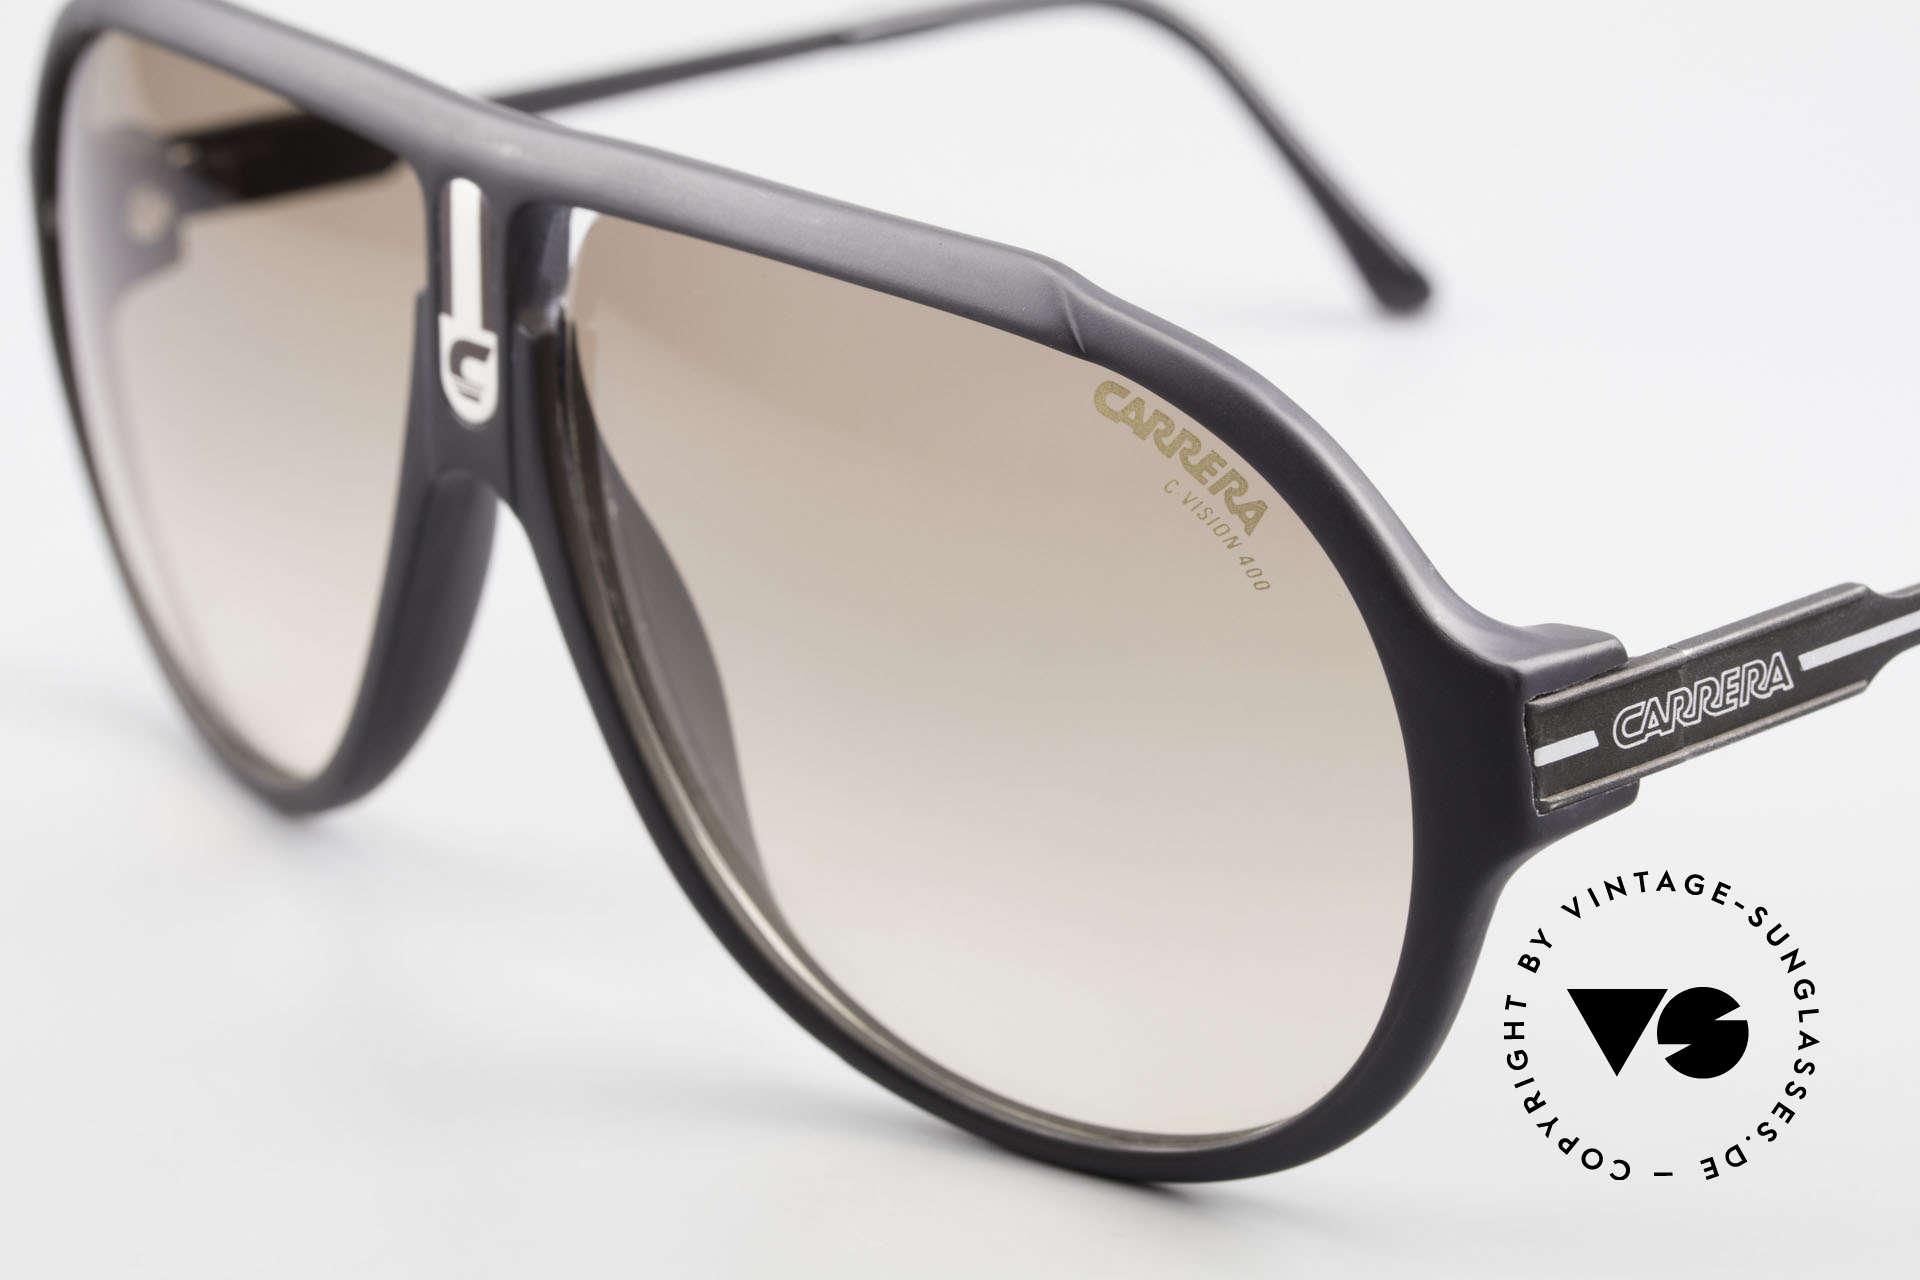 Carrera 5565 Alte Sonnenbrille 80er Vintage, mehr Qualität und Tragekomfort geht einfach nicht, Passend für Herren und Damen